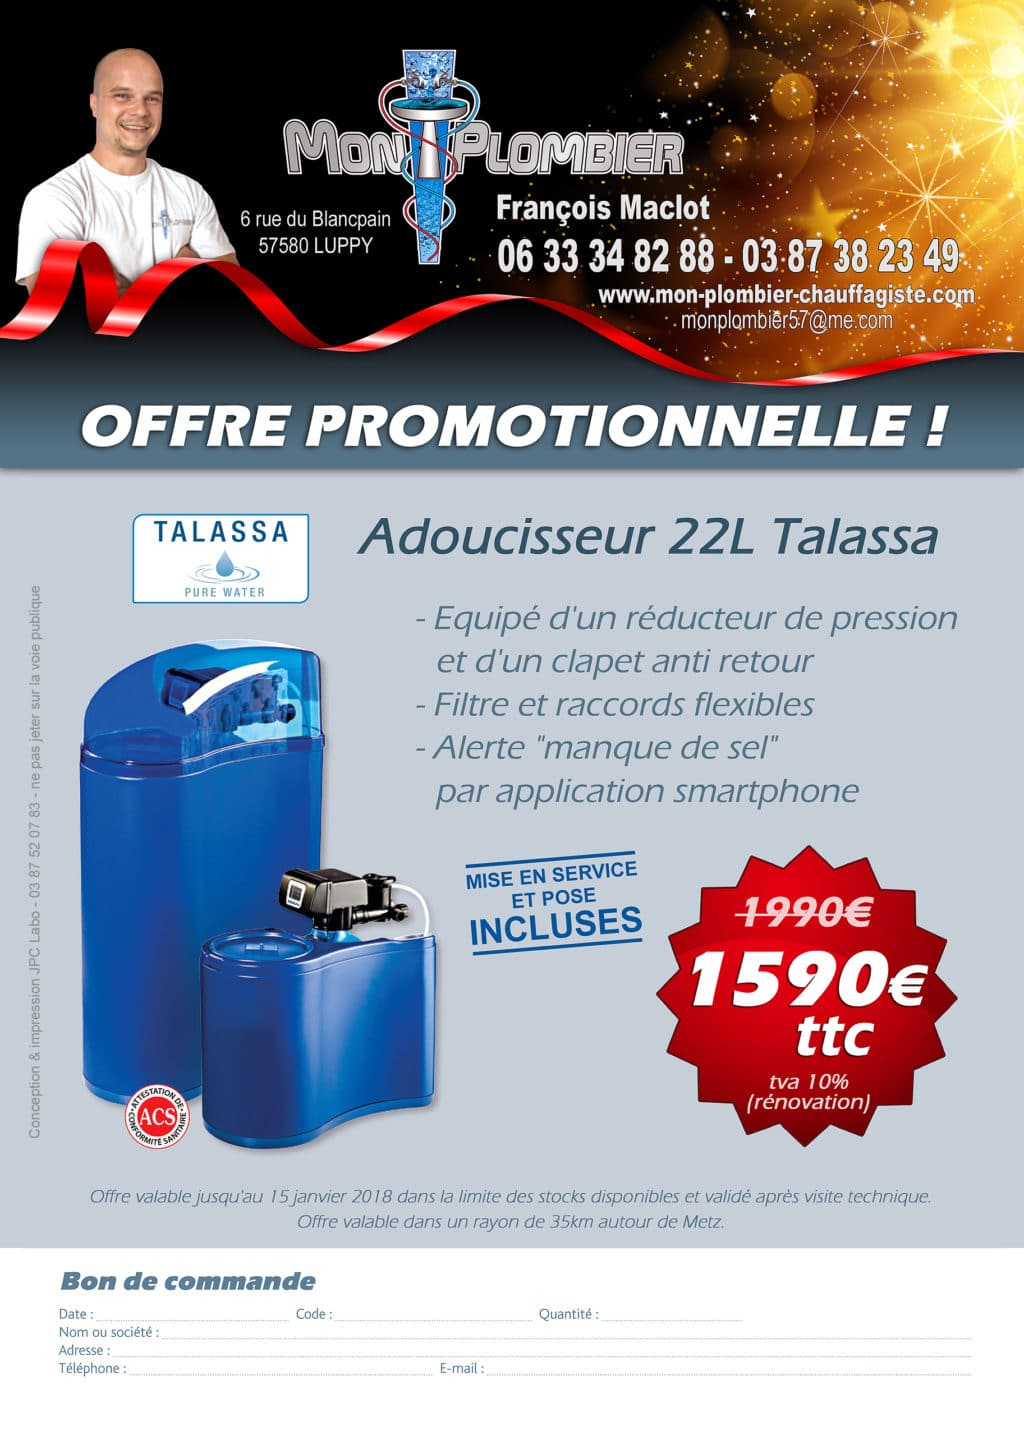 Promotion - Flyer Adoucisseur 22L Talassa